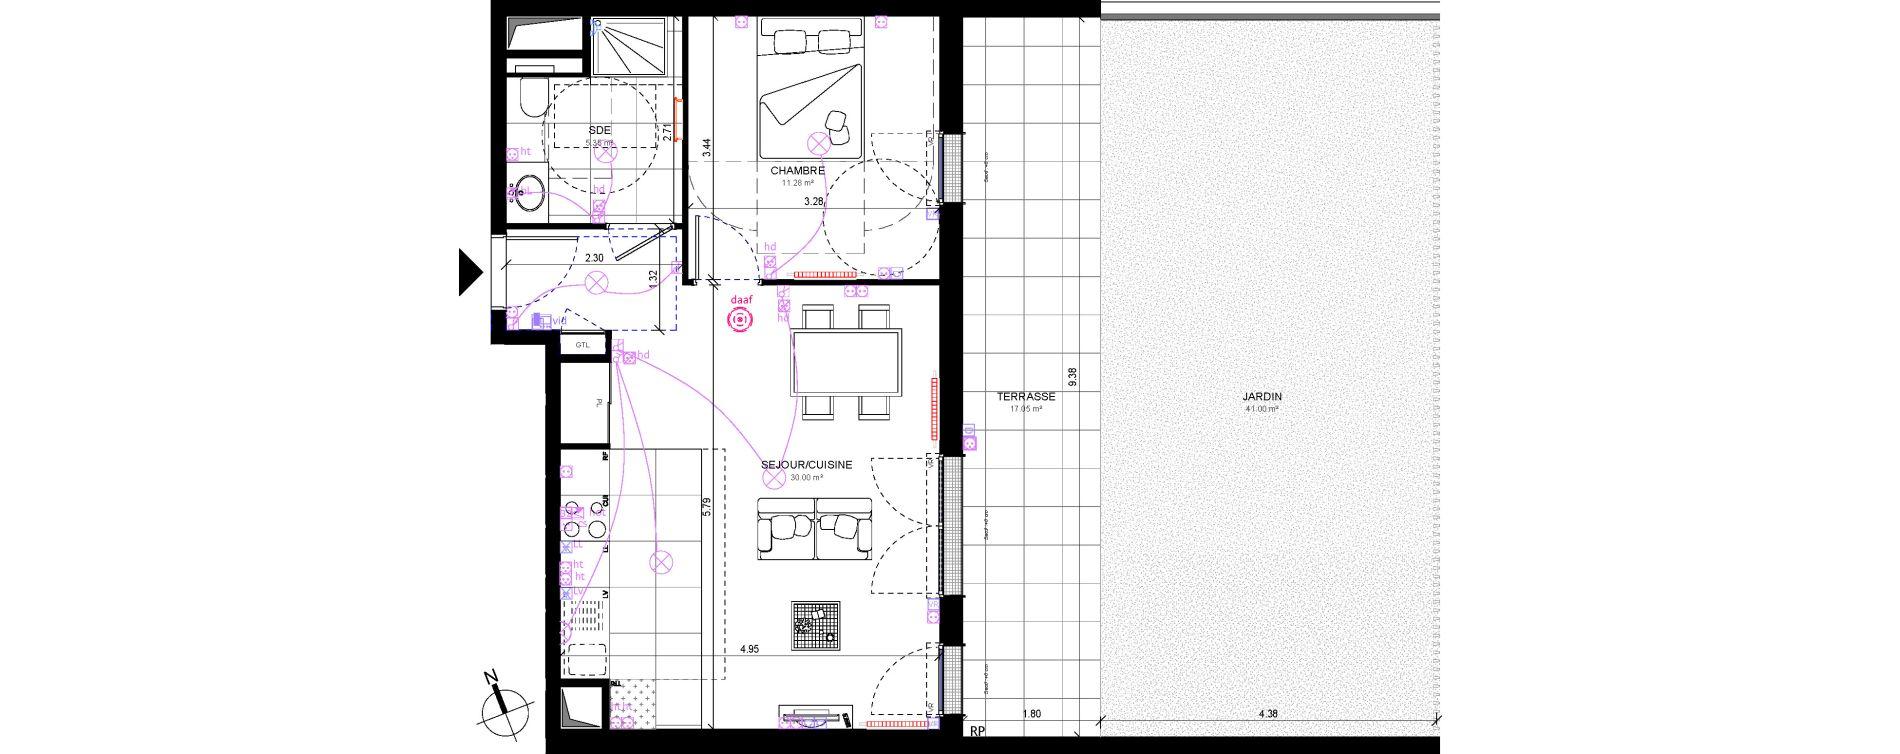 Appartement T2 De 46 63 M2 Rdc E Terrasses De La Chataigneraie Rueil Malmaison Ref 807